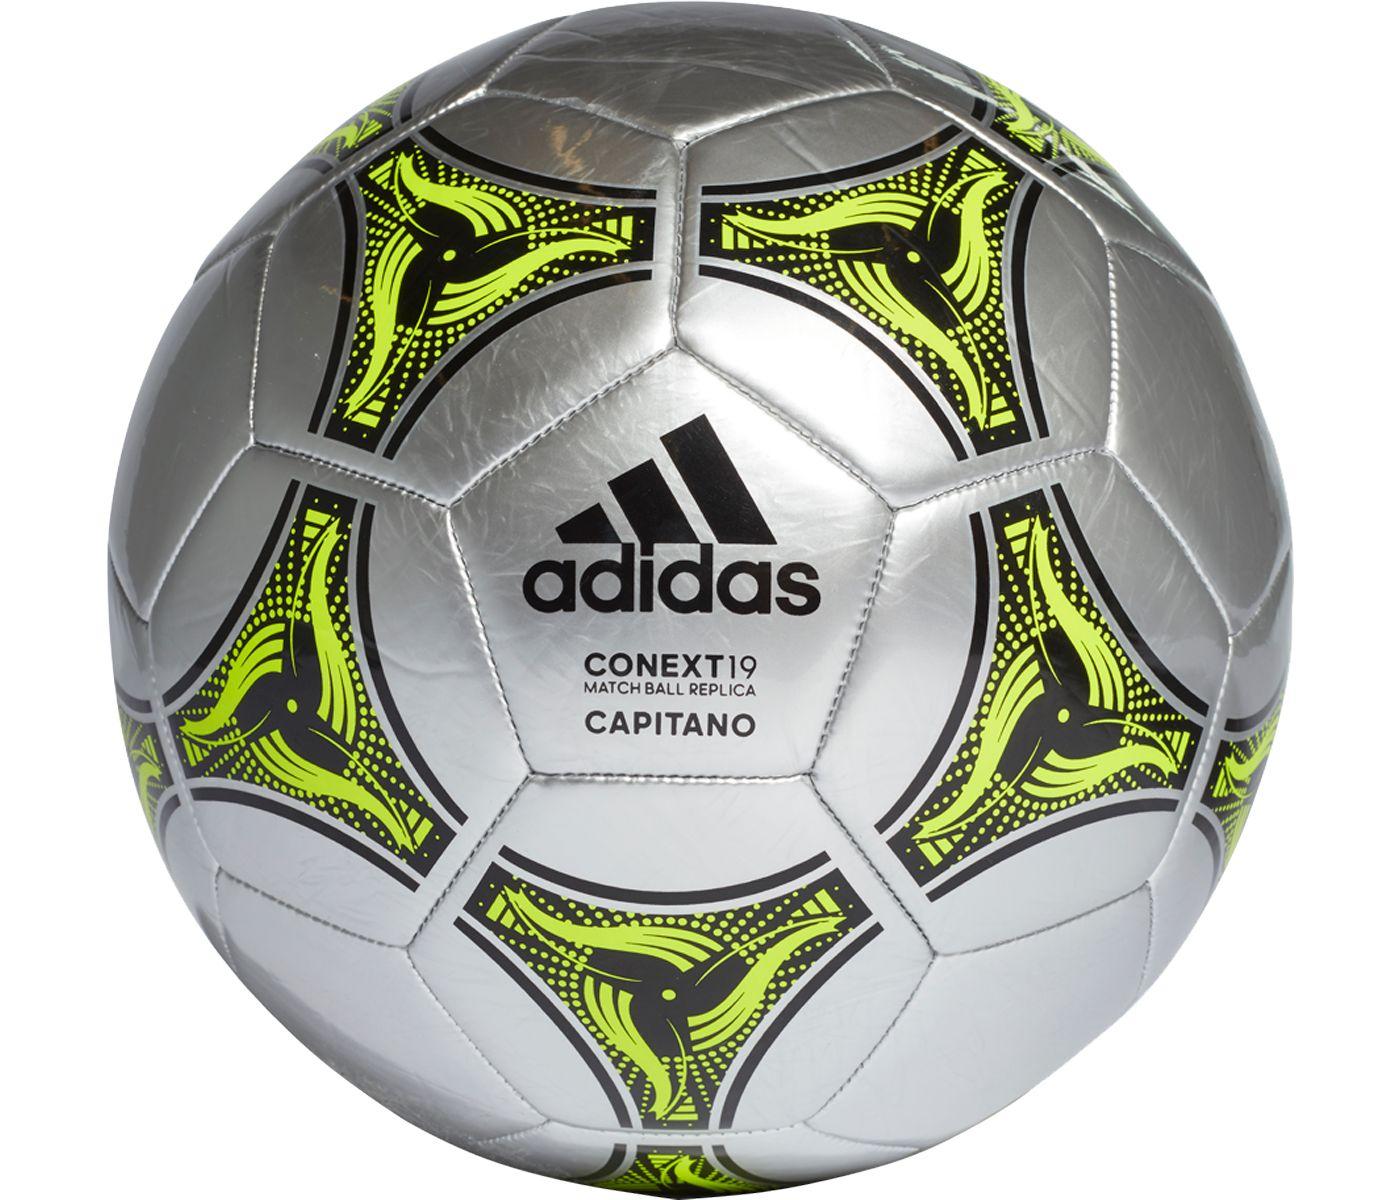 adidas 2019 FIFA Women's World Cup Conext19 Capitano Soccer Ball